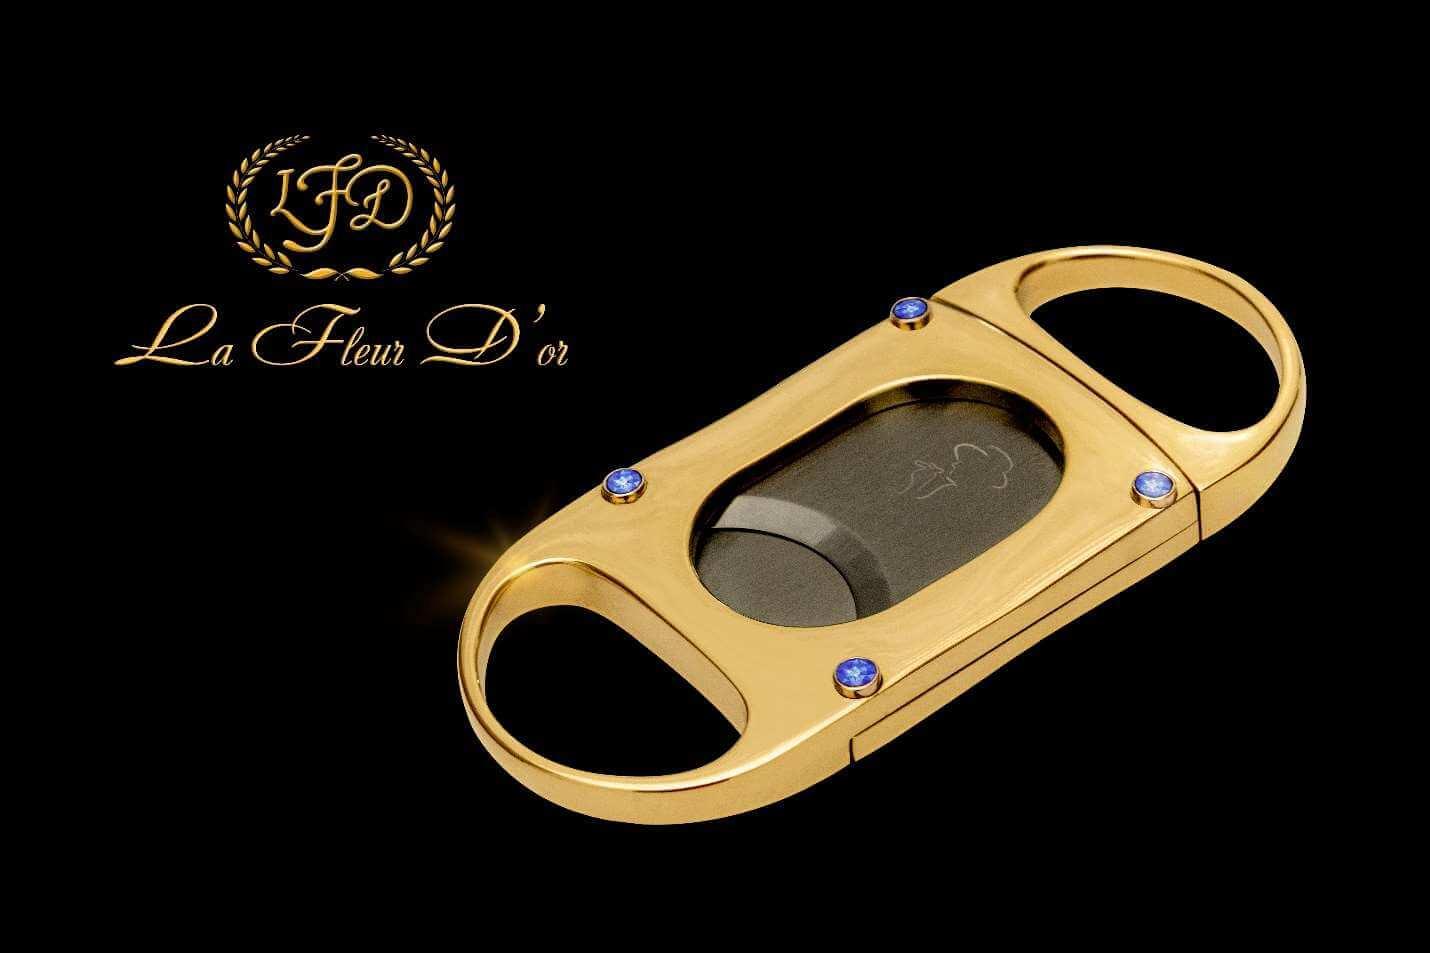 Cigar News: La Flor Dominicana Announces La Fleur D'or Cigar Cutter